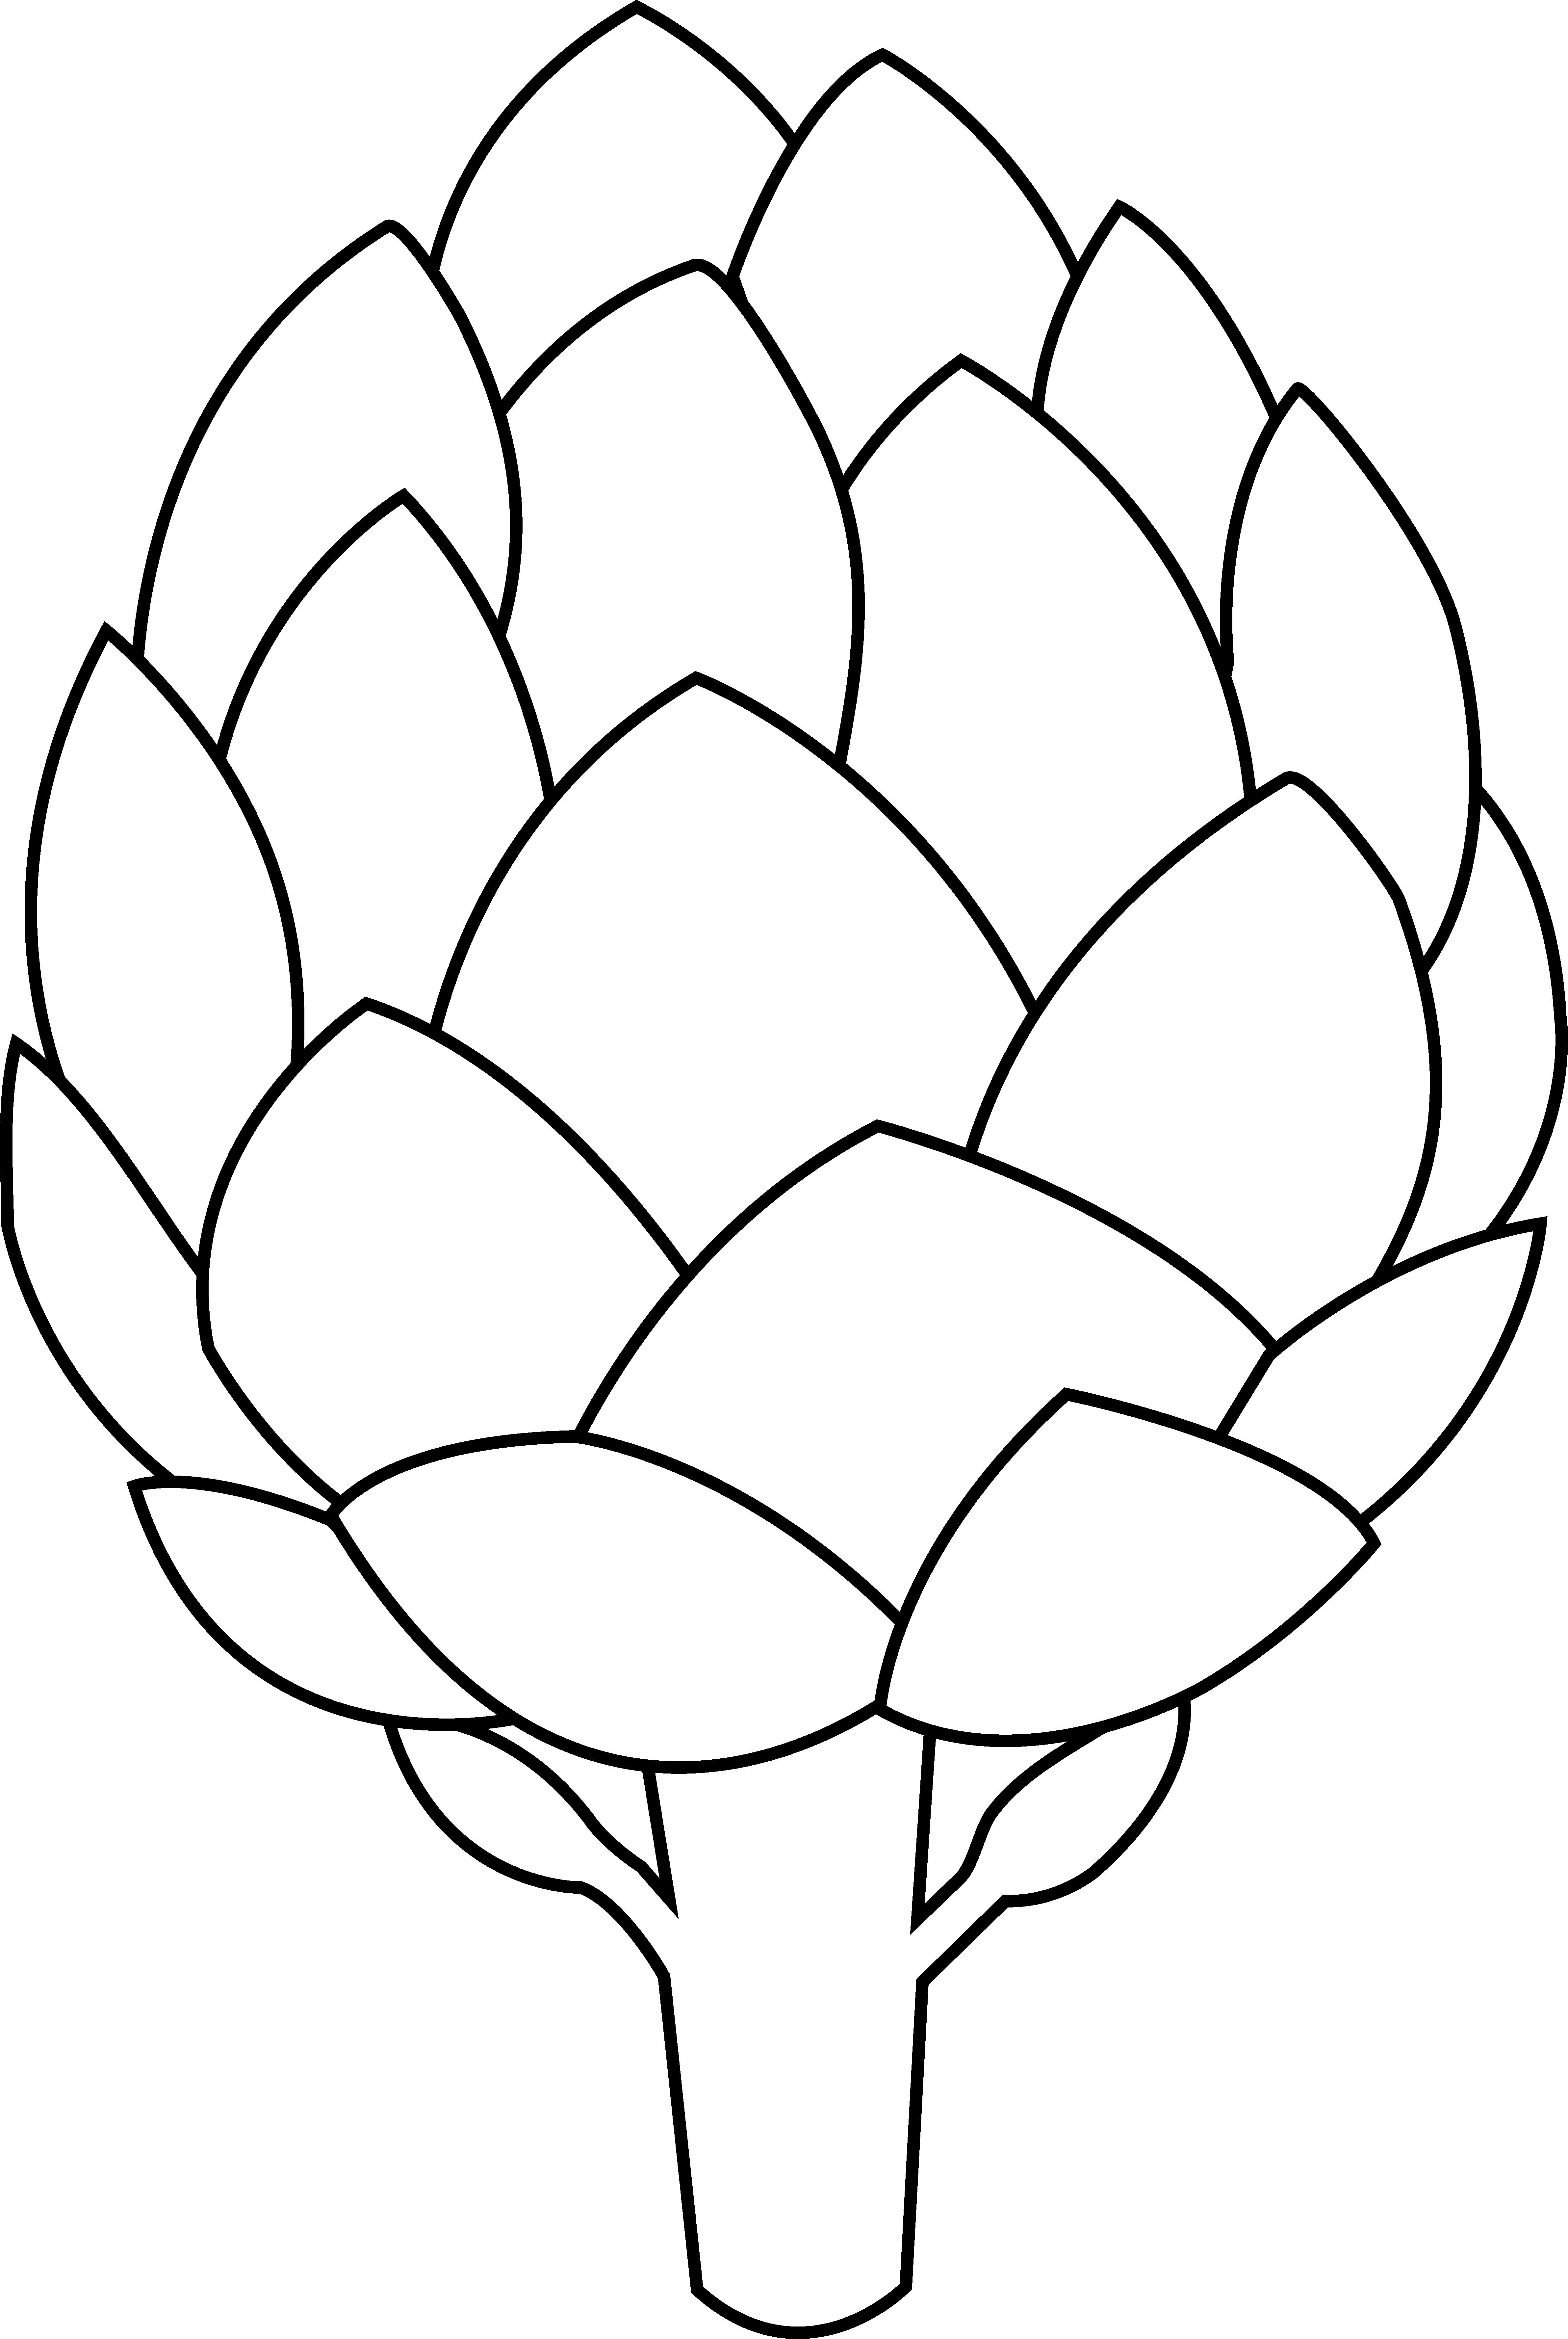 Artichoke Coloring Pages